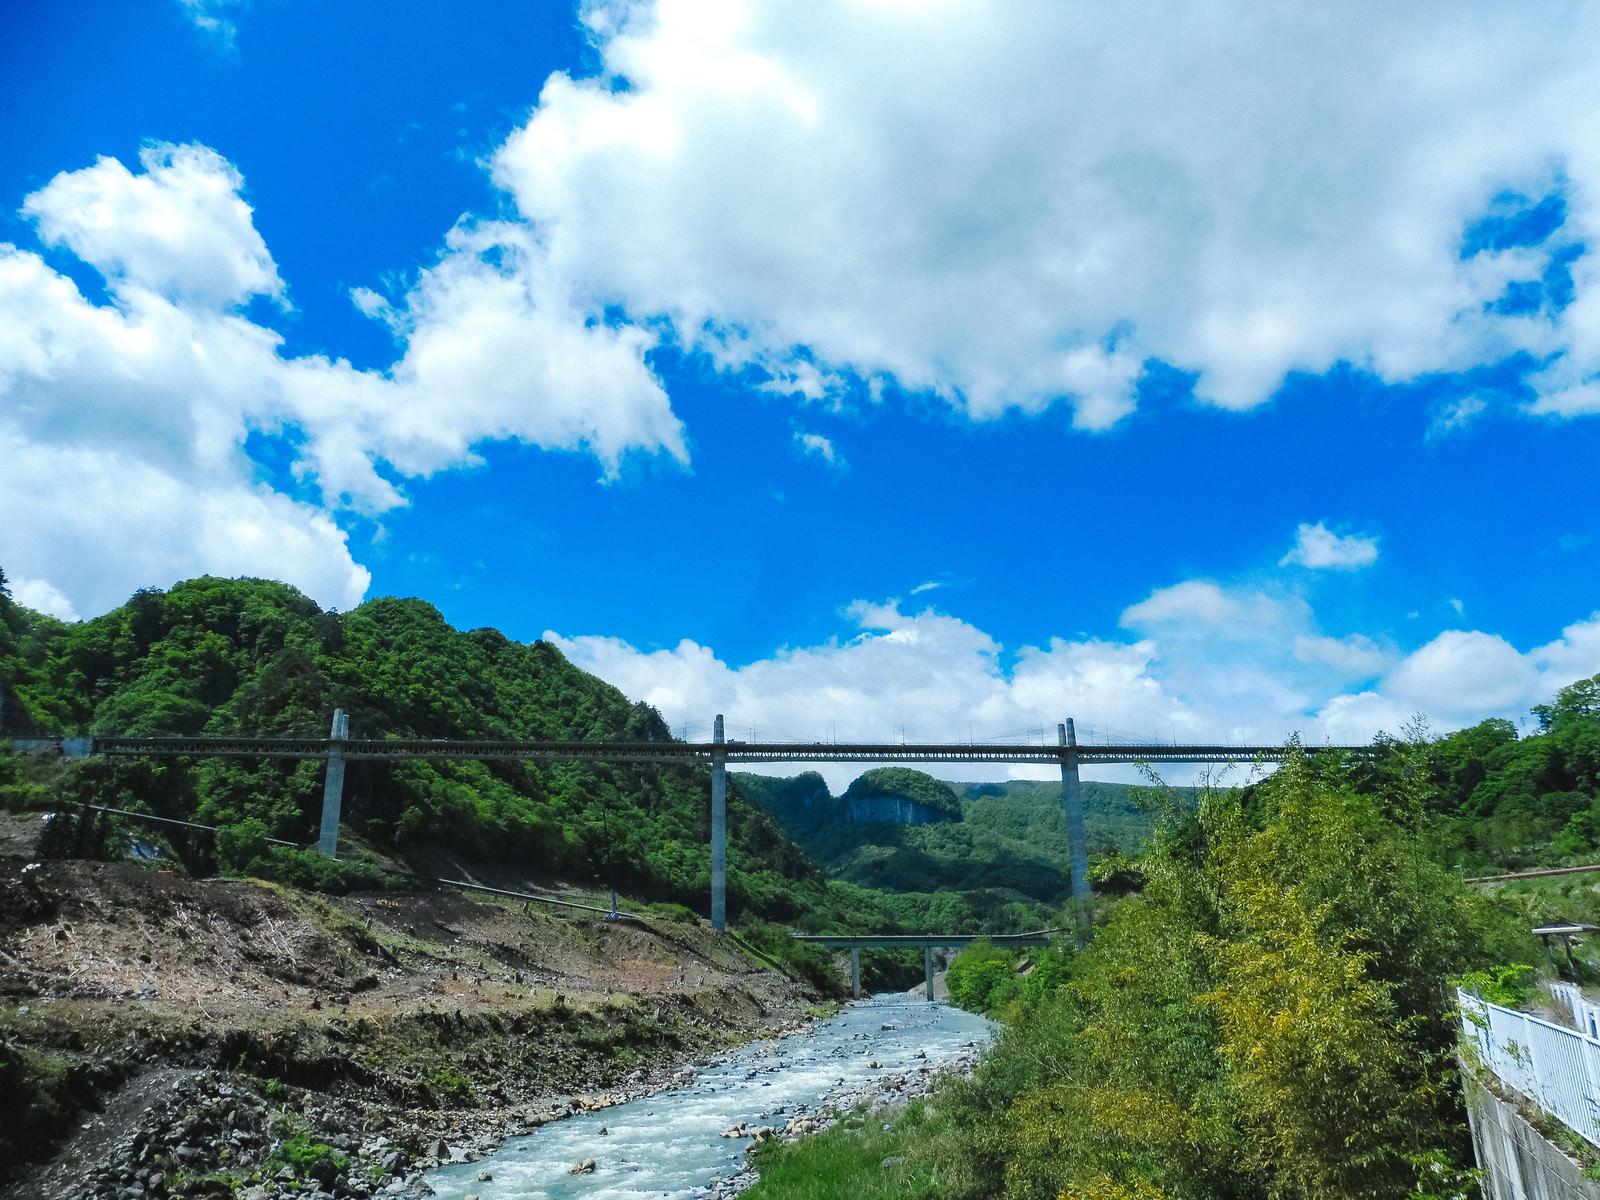 「吾妻川と丸岩の景観」の写真